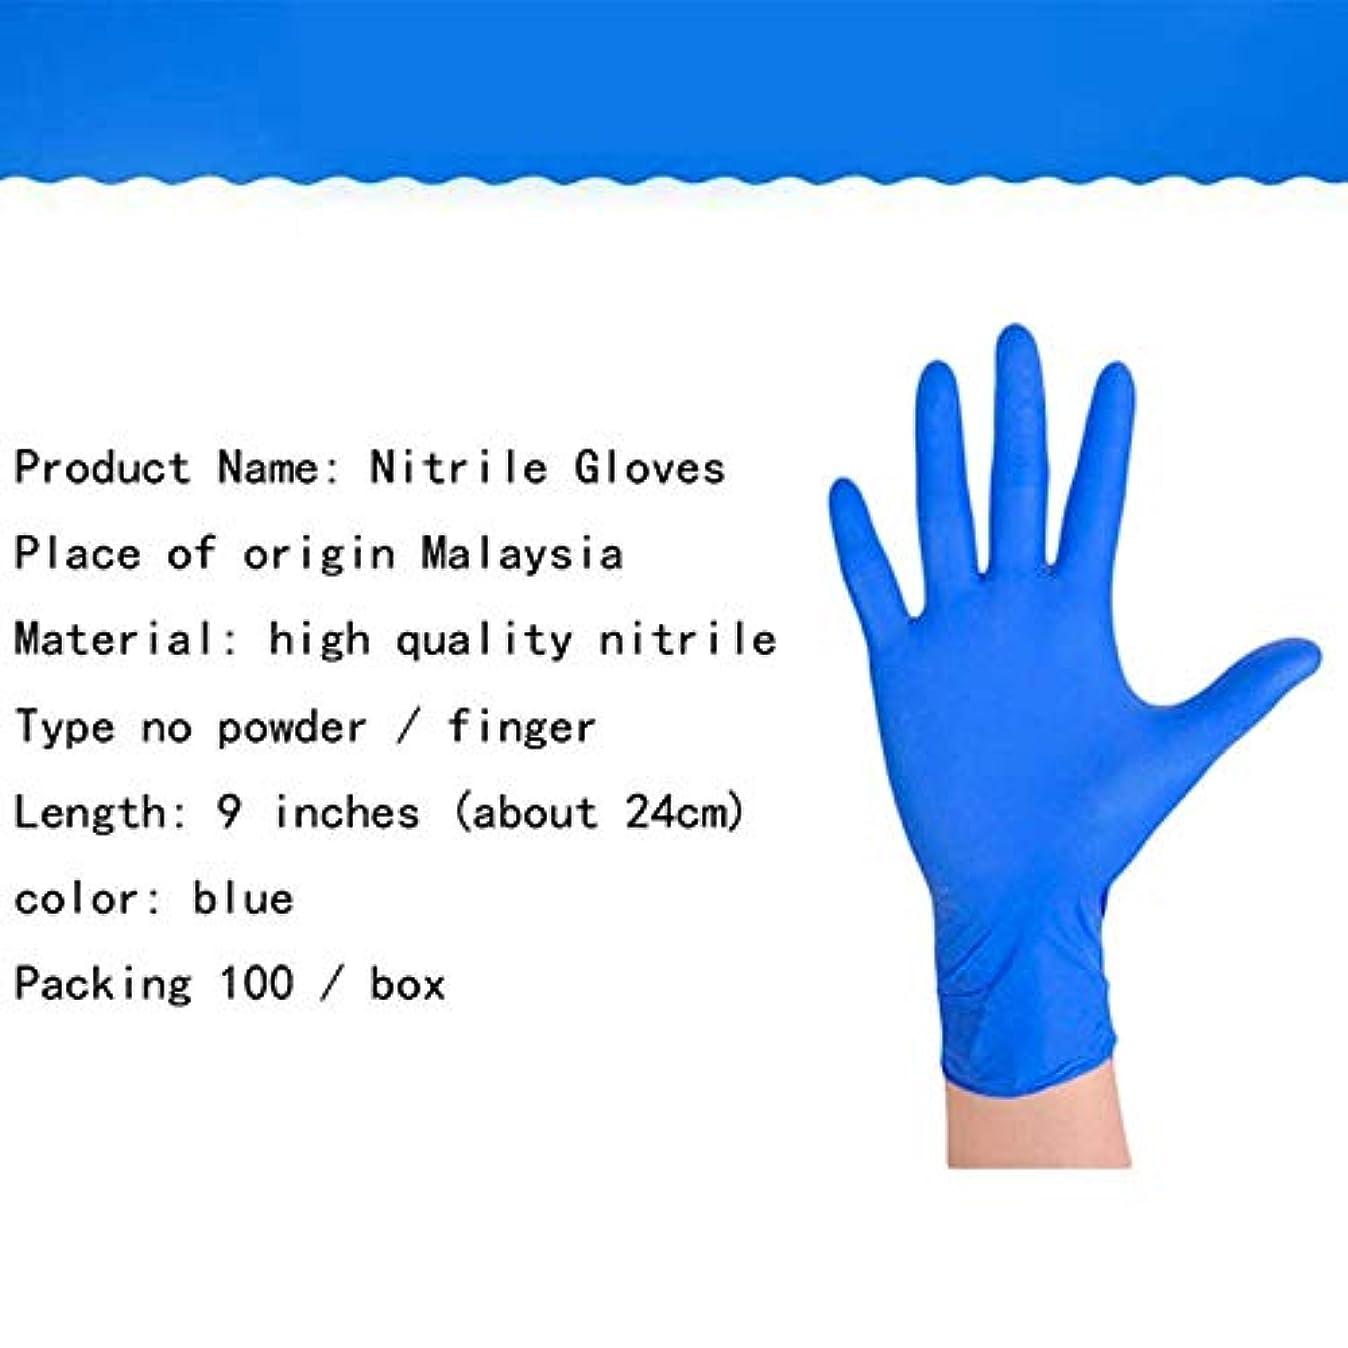 振りかけるセンチメートル膨らませるニトリル手袋、パウダーフリー、ラテックスゴムフリー、使い捨て手袋 - 非滅菌、食品安全、医療用グレード、100 PCSの便利なディスペンサーパック、(追加強度)(S-XL) (Size : S)